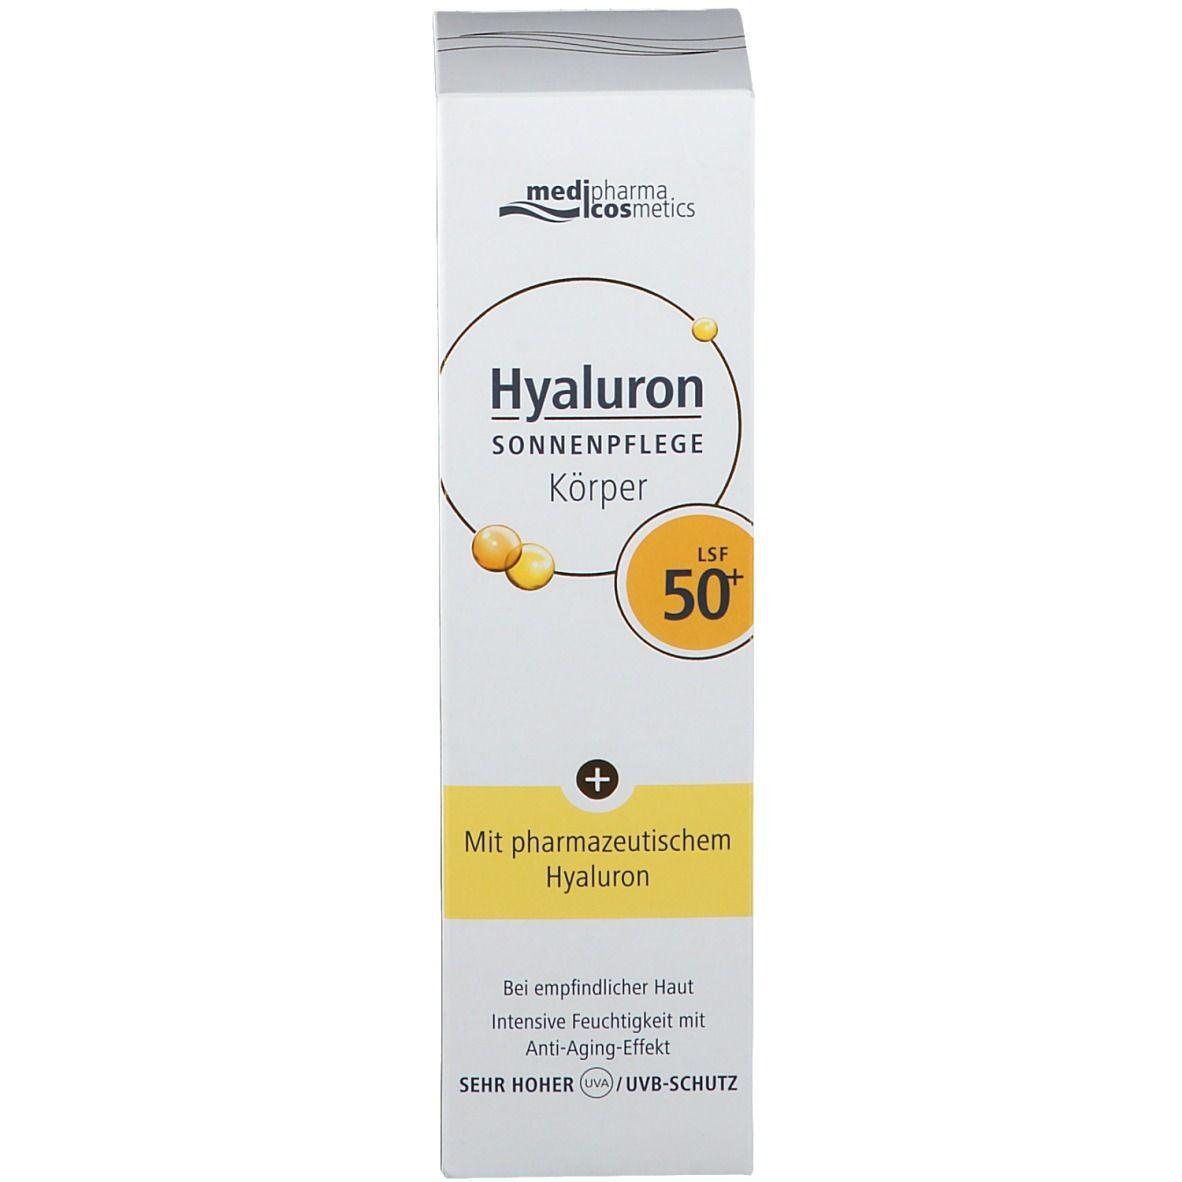 medipharma cosmetics Hyaluron Sonnenpflege Körper LSF 50+